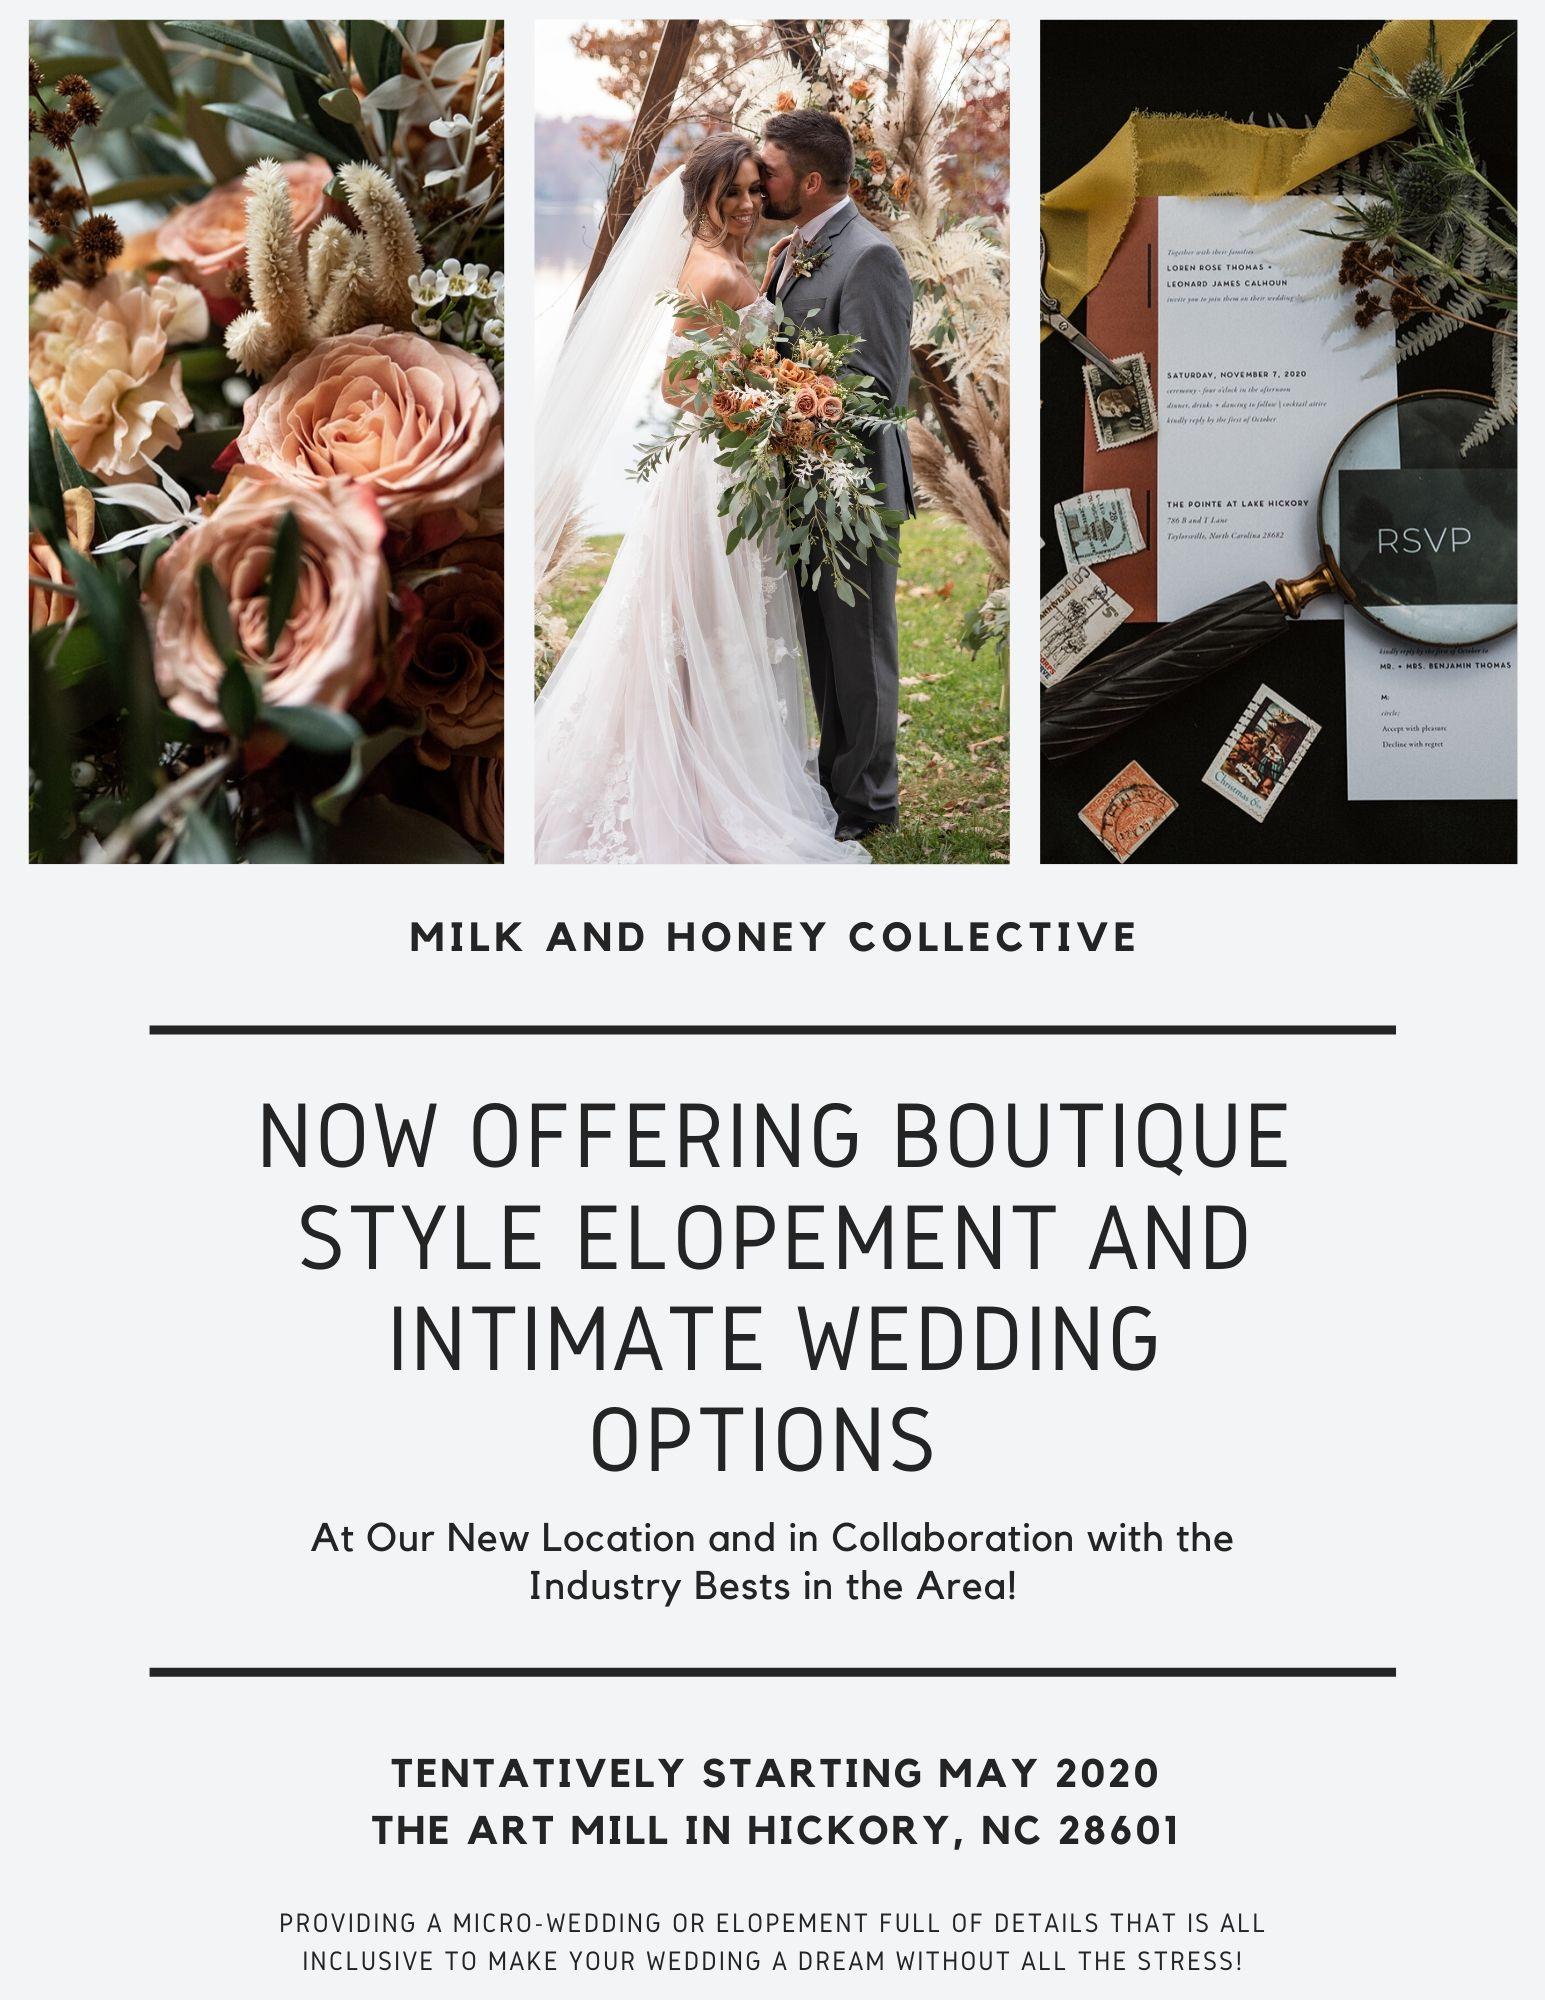 2020 Intimate Wedding Flyer 1 (image 1&3